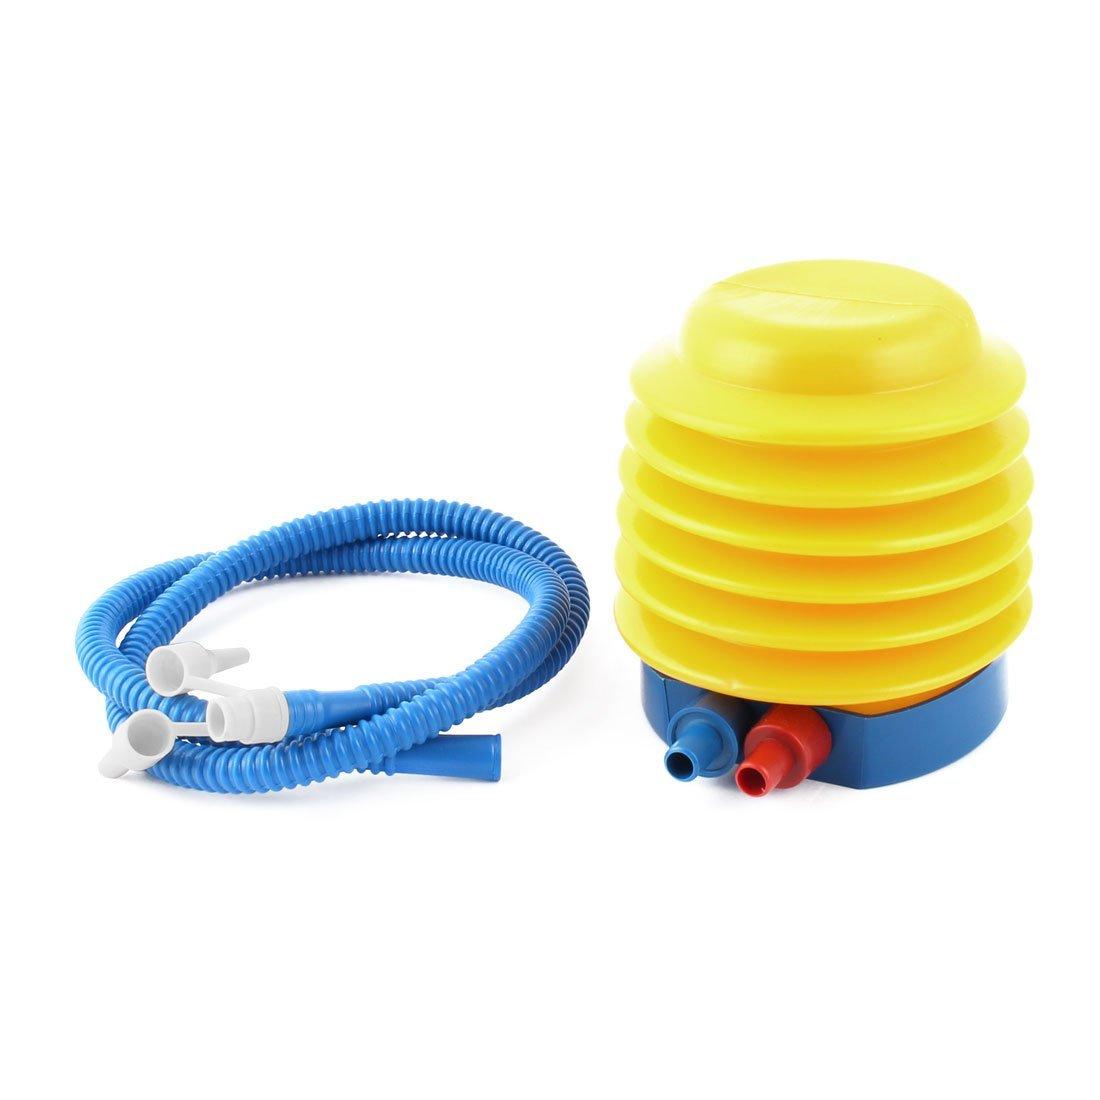 Amazon.com : eDealMax Globo inflable bola Accesorios Para inflar Con aire del flotador juguete Bomba de Pie Azul Amarillo : Baby